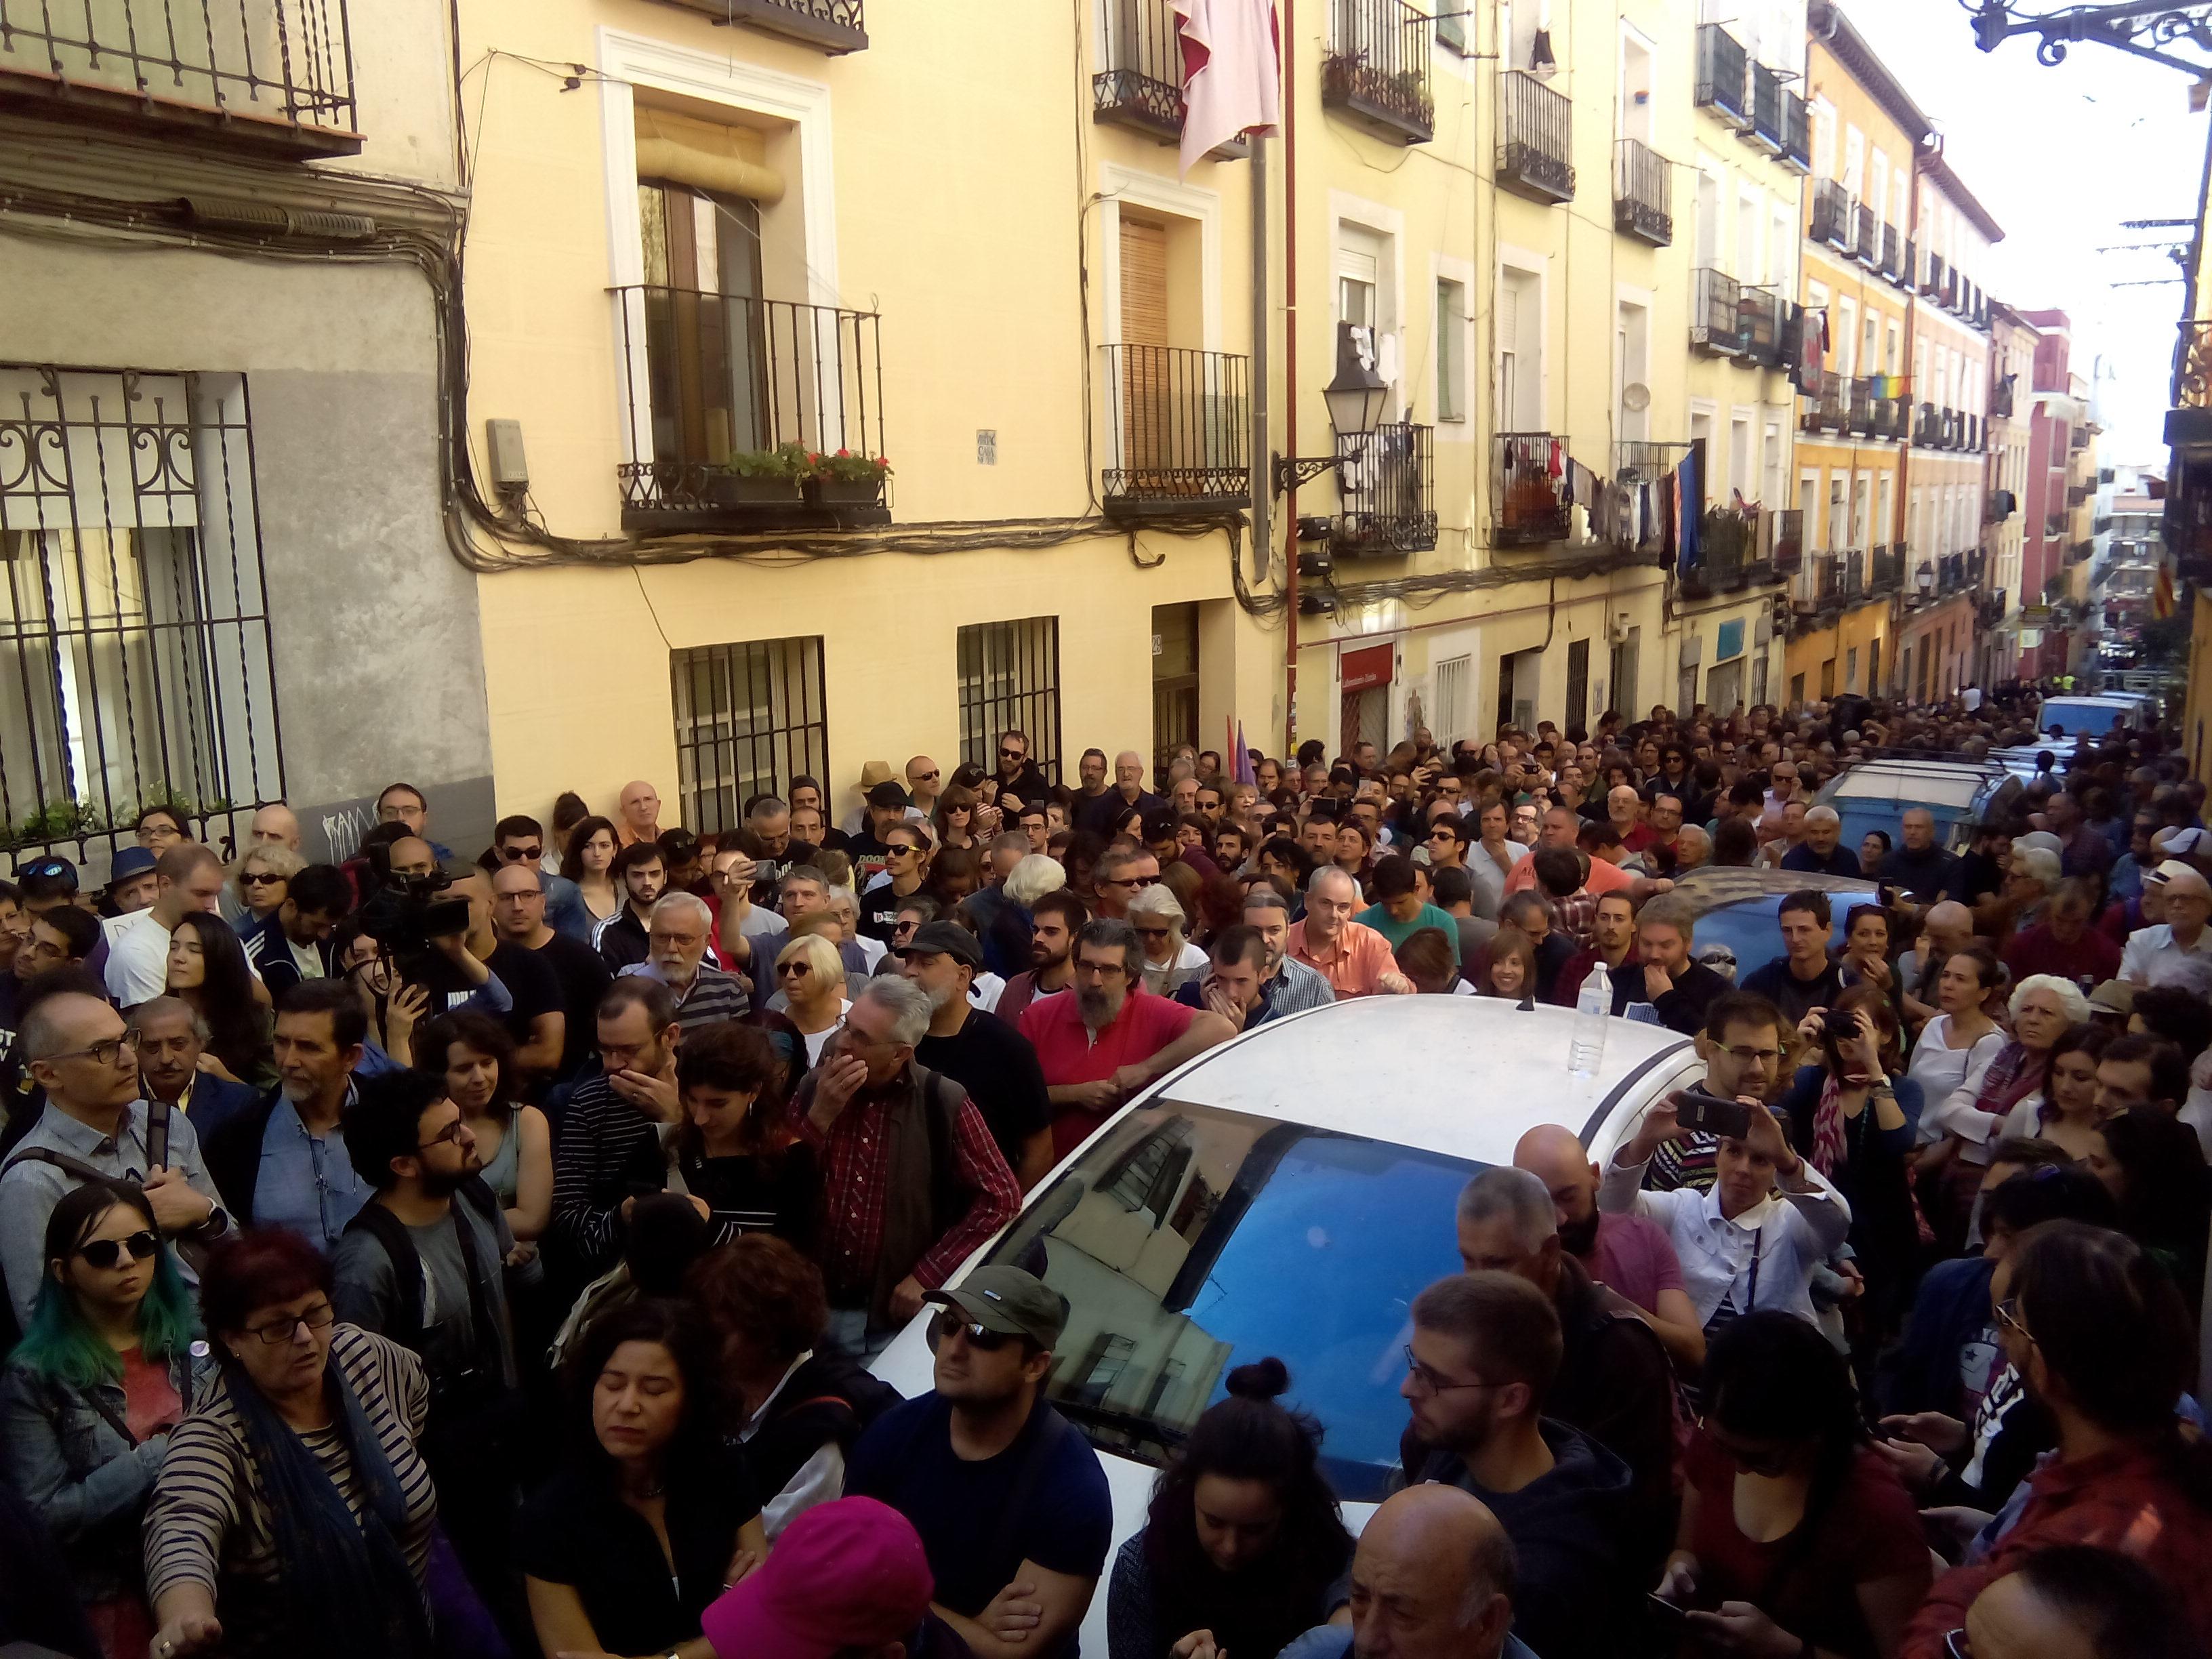 Imagen de la gente que no pudo entrar en el acto de 'Madrileños por el derecho a decidir' por problemas de aforo.